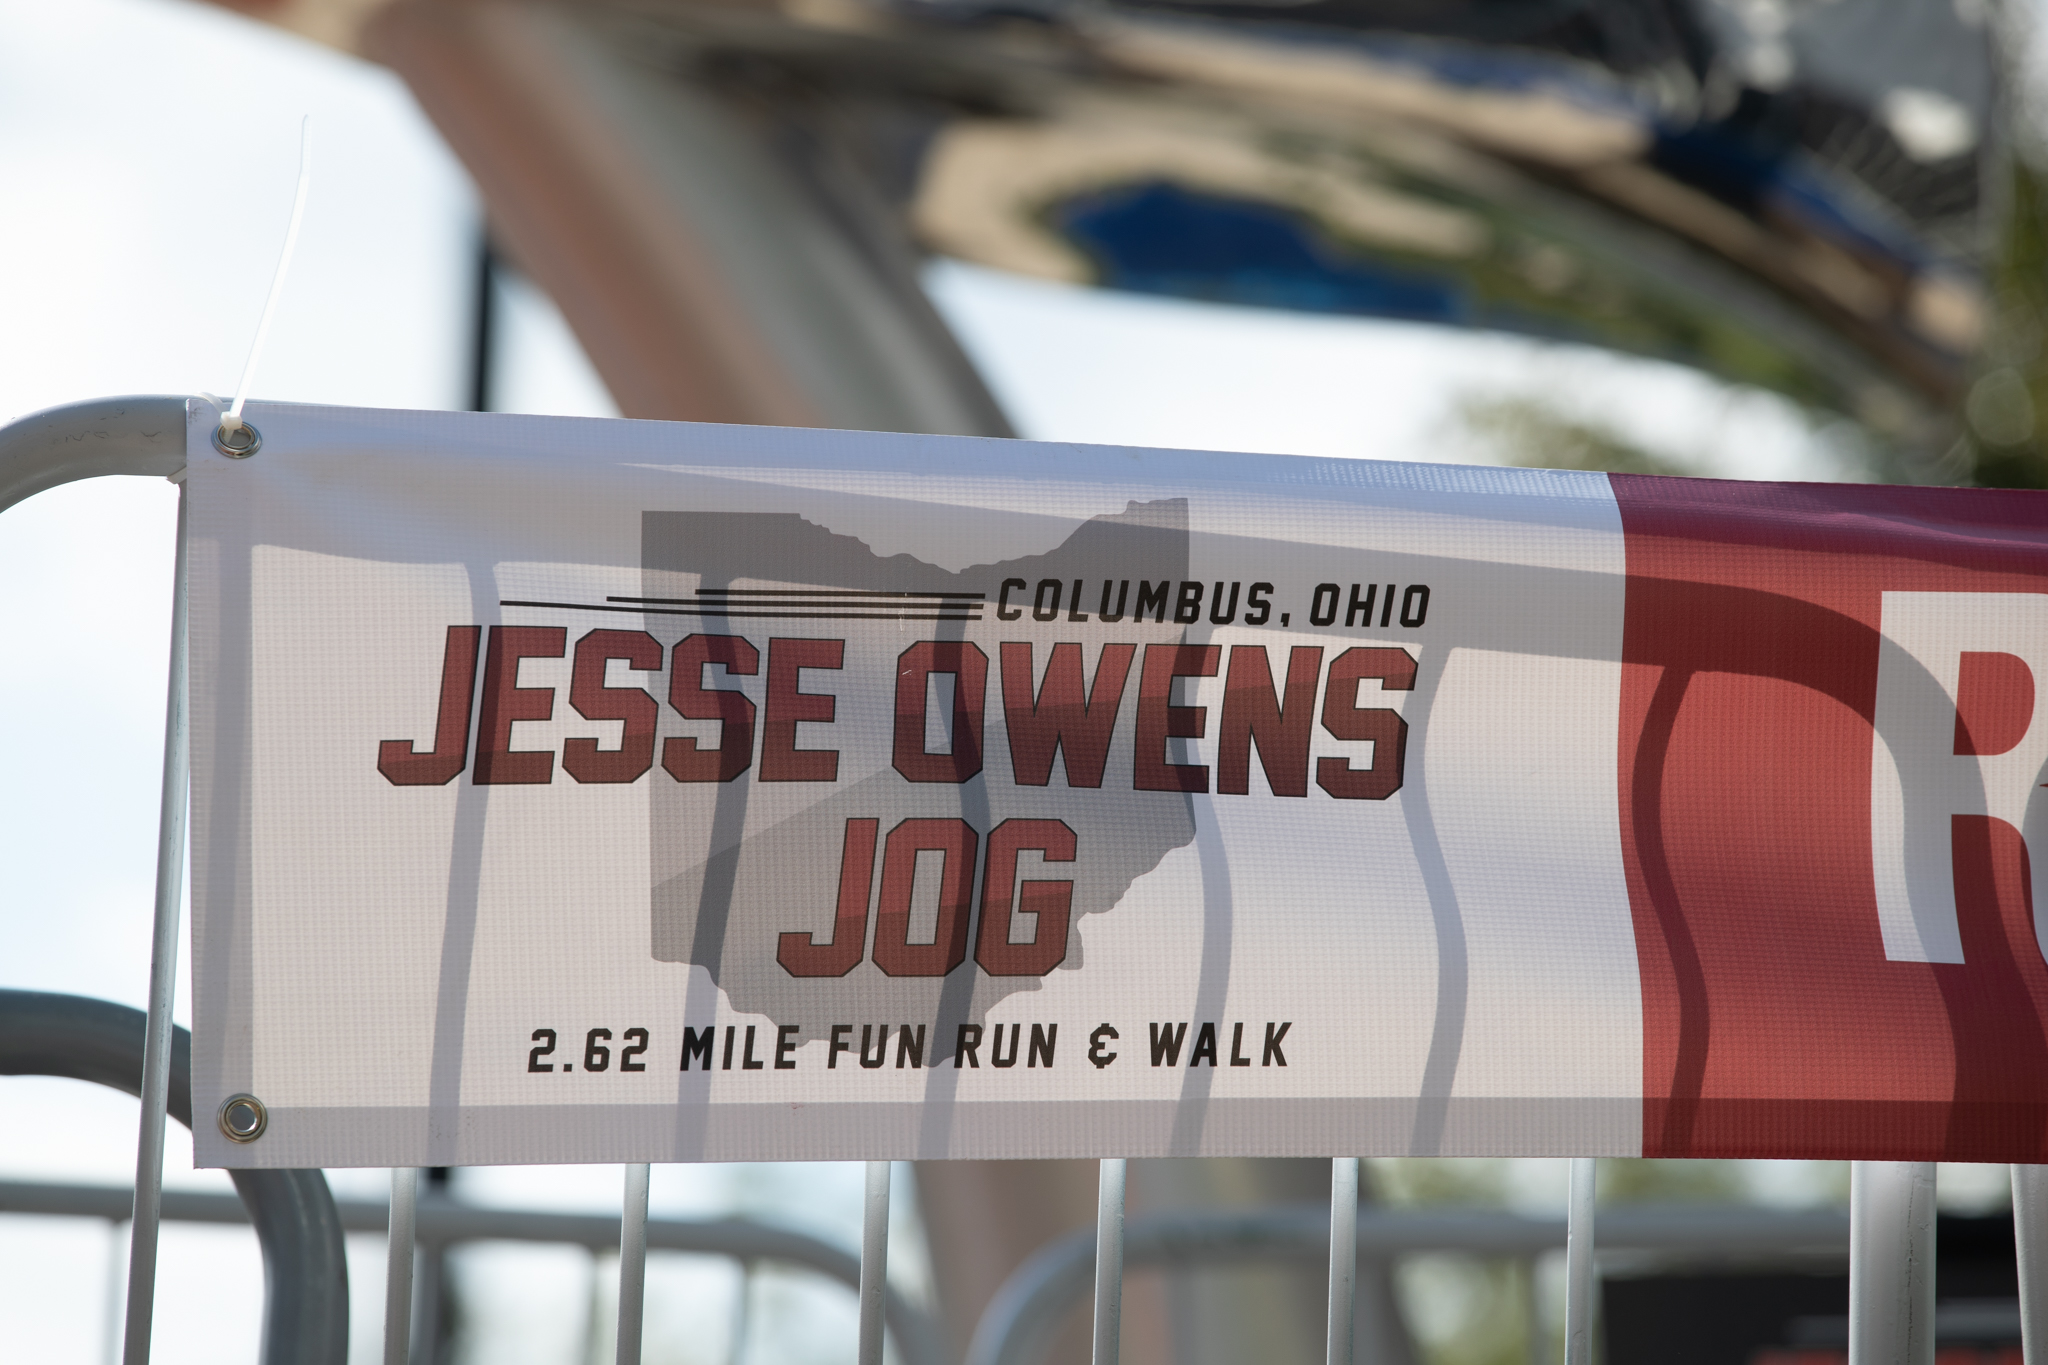 Jesse-Owens-Jog-2018_249_bko.jpg